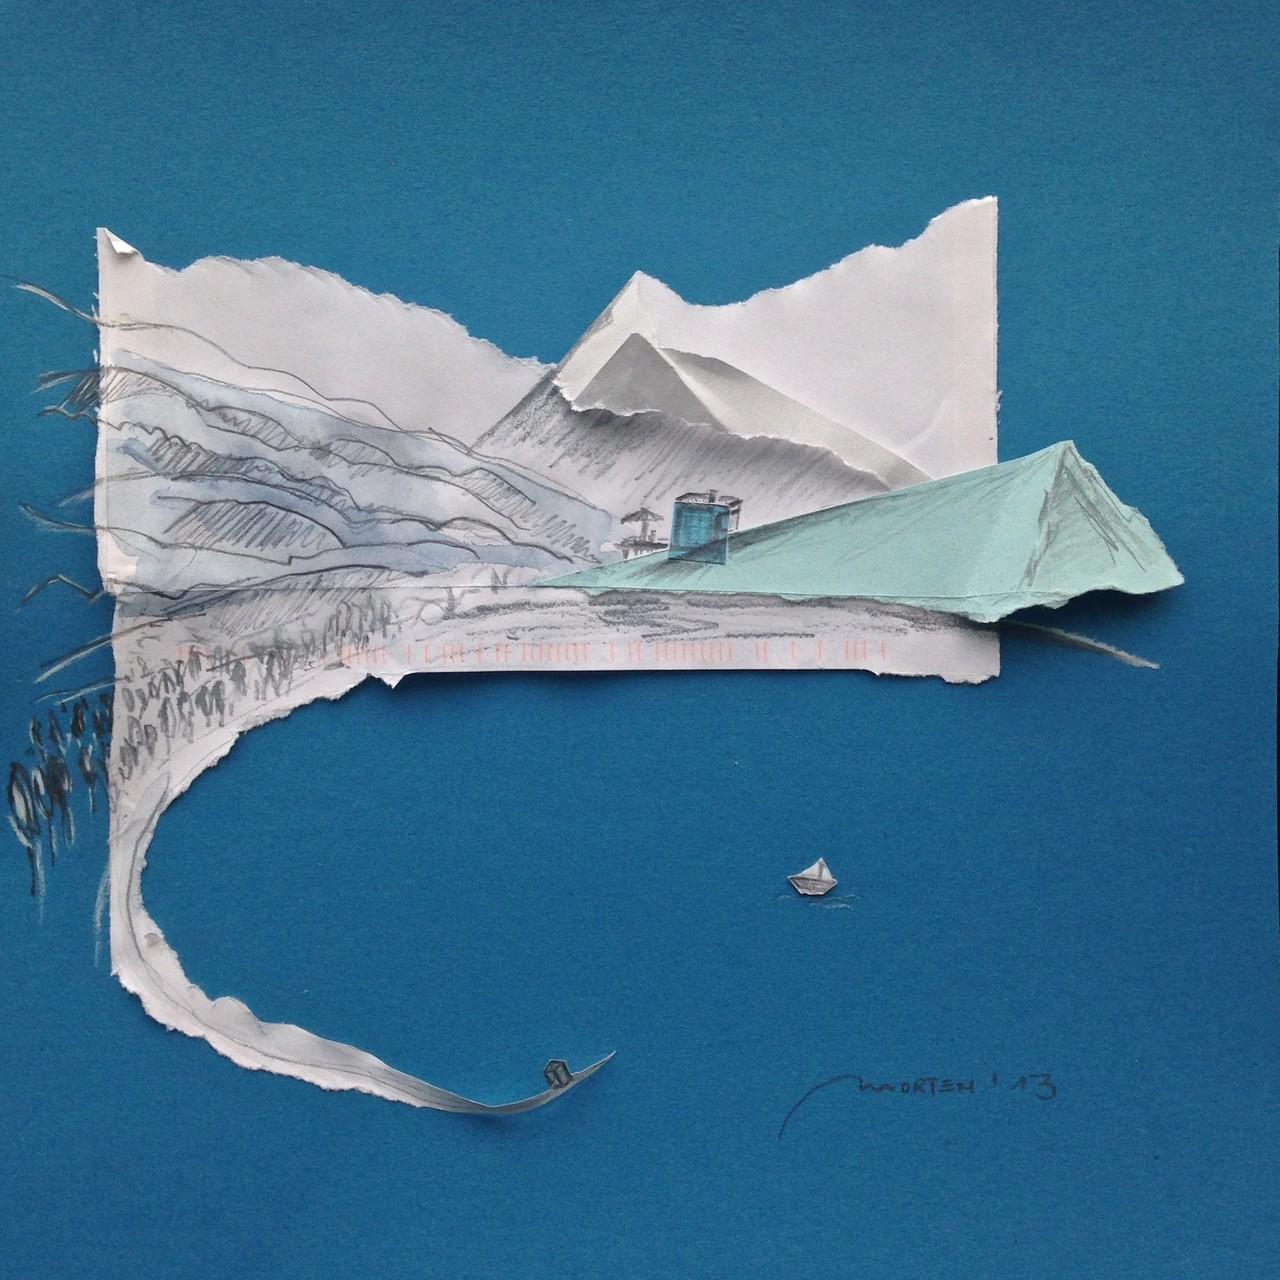 BERG UND SEE, 2013, Johannes Morten, 25 x 25 cm, Graphit, Aquarell Papier und Pappe